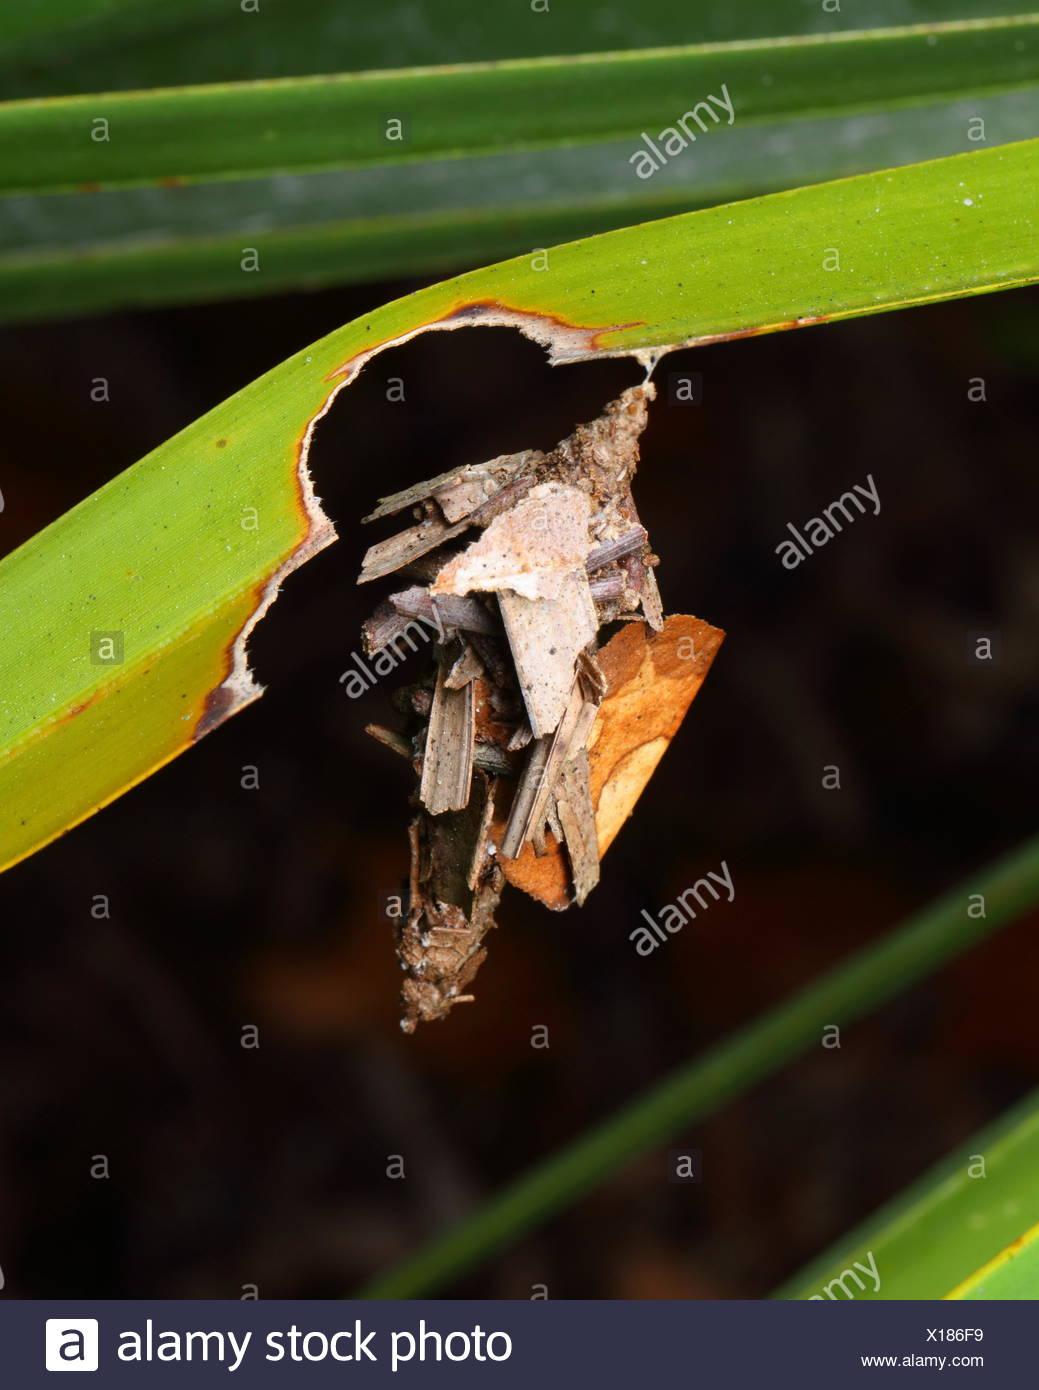 Eine gemeinsame Bagworm, Thyridopteryx Ephemeraeformis, innerhalb seines Gehäuses aus Palmetto geformt. Stockbild